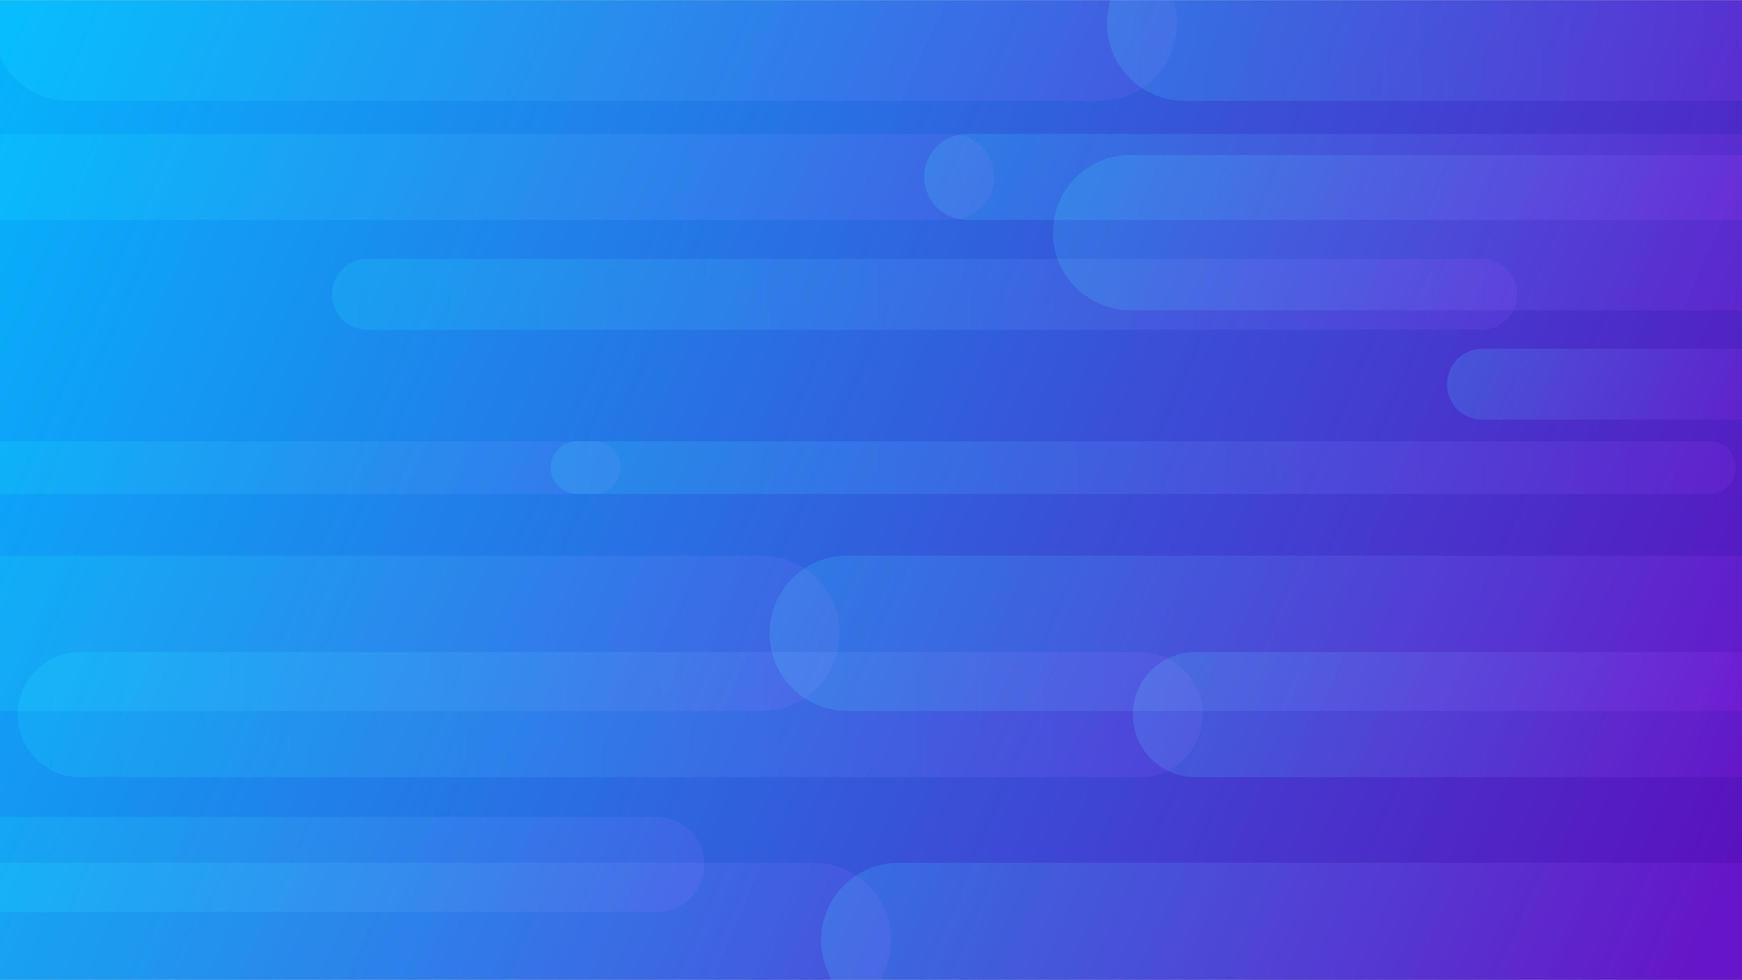 diseño de rayas redondeadas dinámicas degradado azul púrpura vector